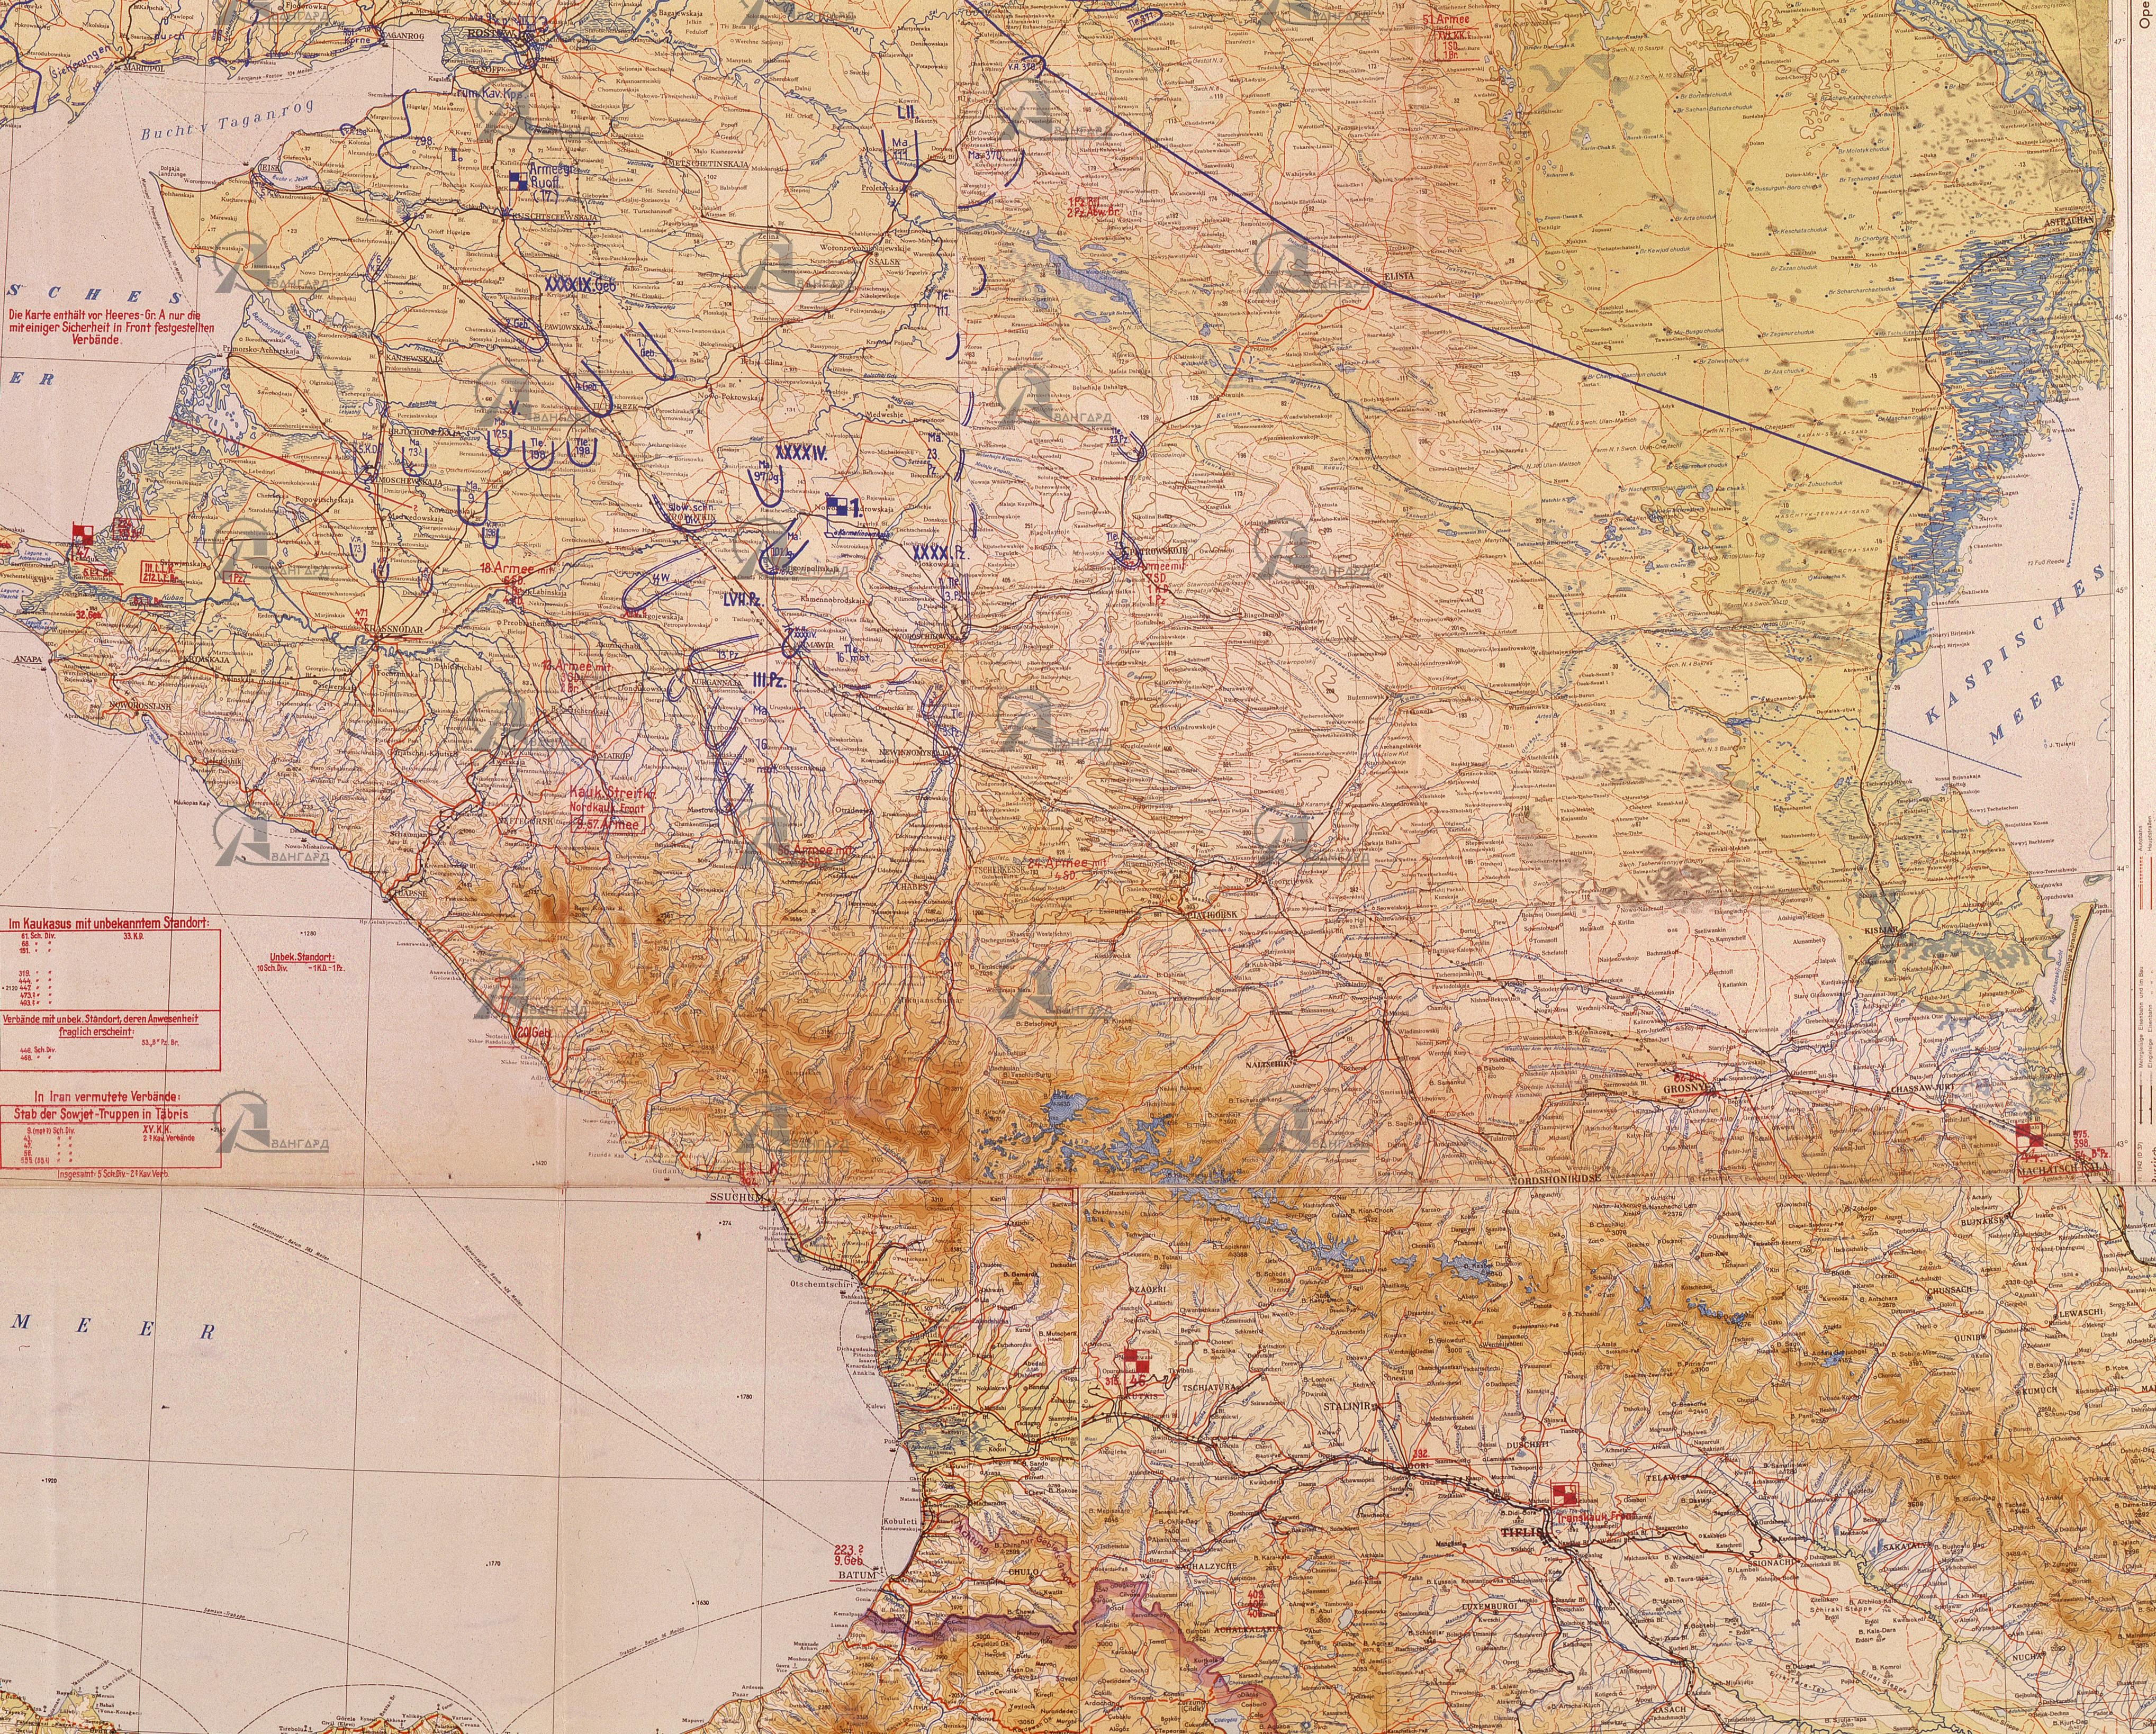 Фрагмент карты ОКХ от 07.08.1942 г